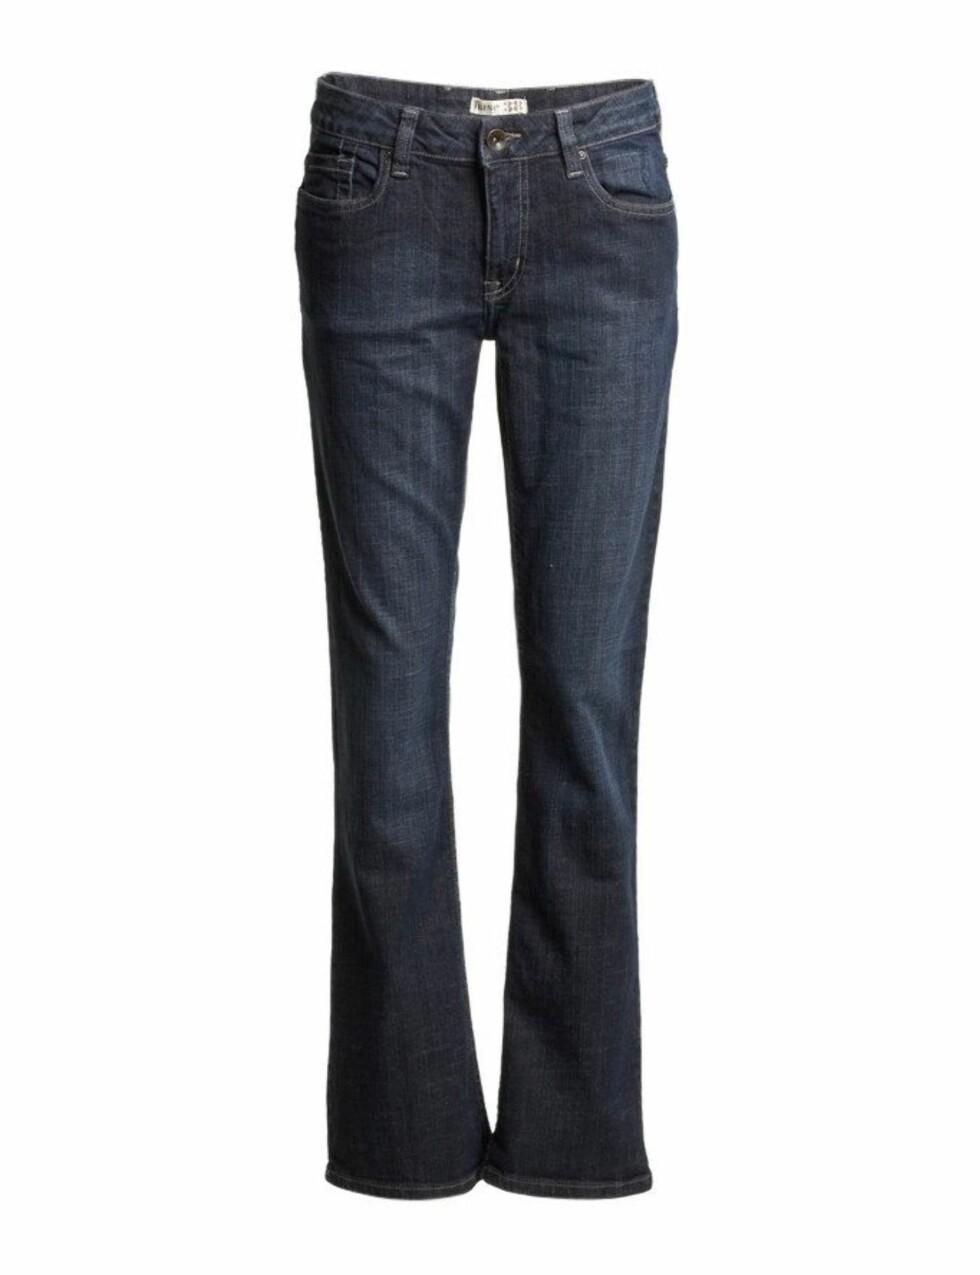 En olabukse som kler nesten alle! Jeans med lett boot cut og mørk farge virker svært flatterende på de fleste kroppsformer (kr 399, Lindex).